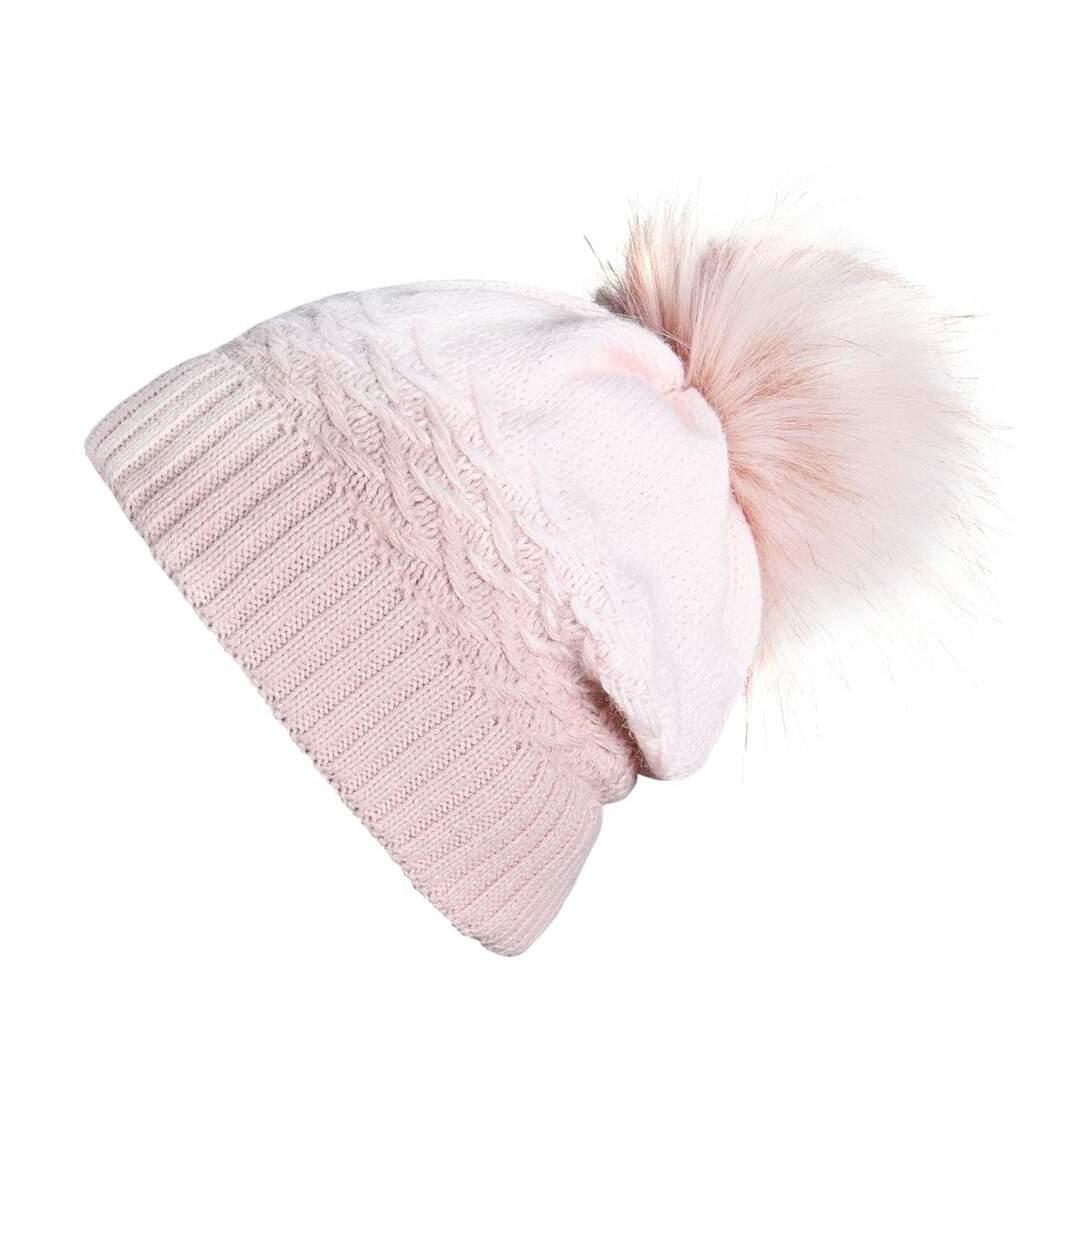 Snood et bonnet Optima - Couleur - Rose - Fabriqué en europe